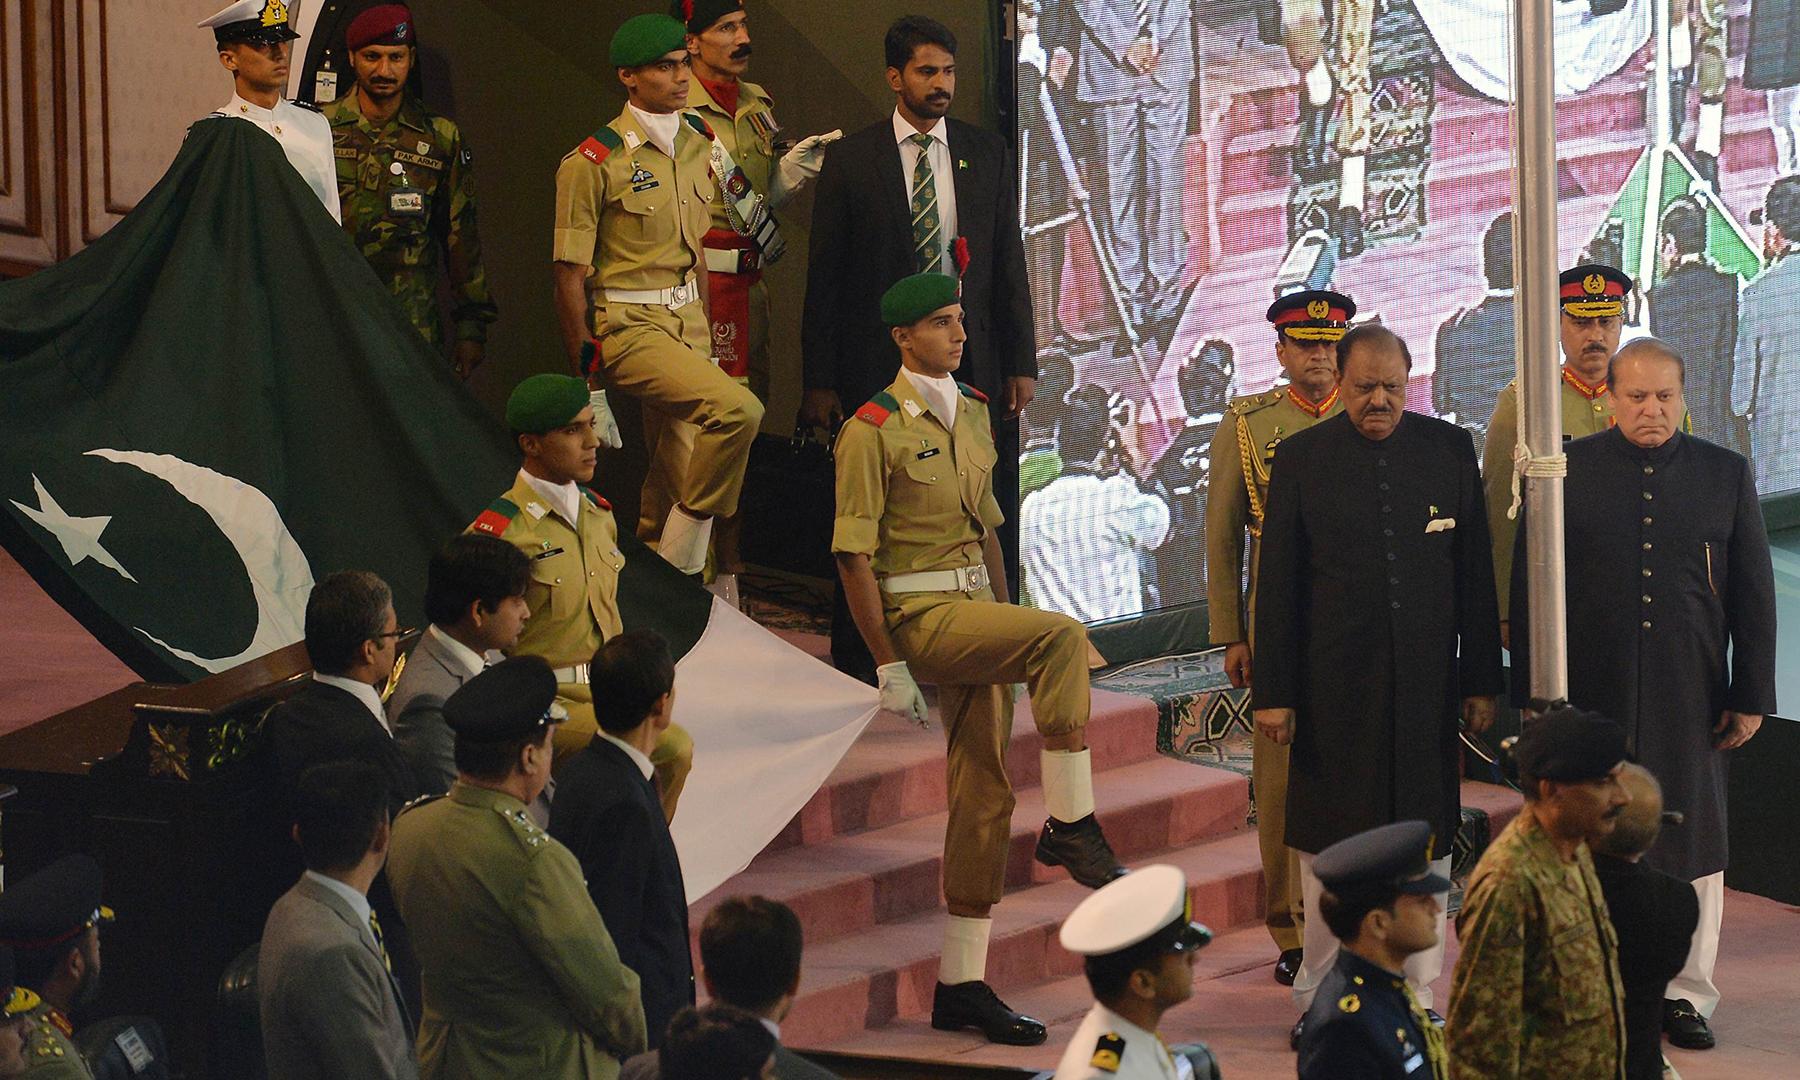 پاکستانی صدر ممنون حسین اور وزیراعظم نواز شریف کی جانب سے پرچم کشائی کی تقریب کے موقع پر پاکستانی فوجی قومی پرچم لے جارہے ہیں—اے ایف پی فوٹو۔